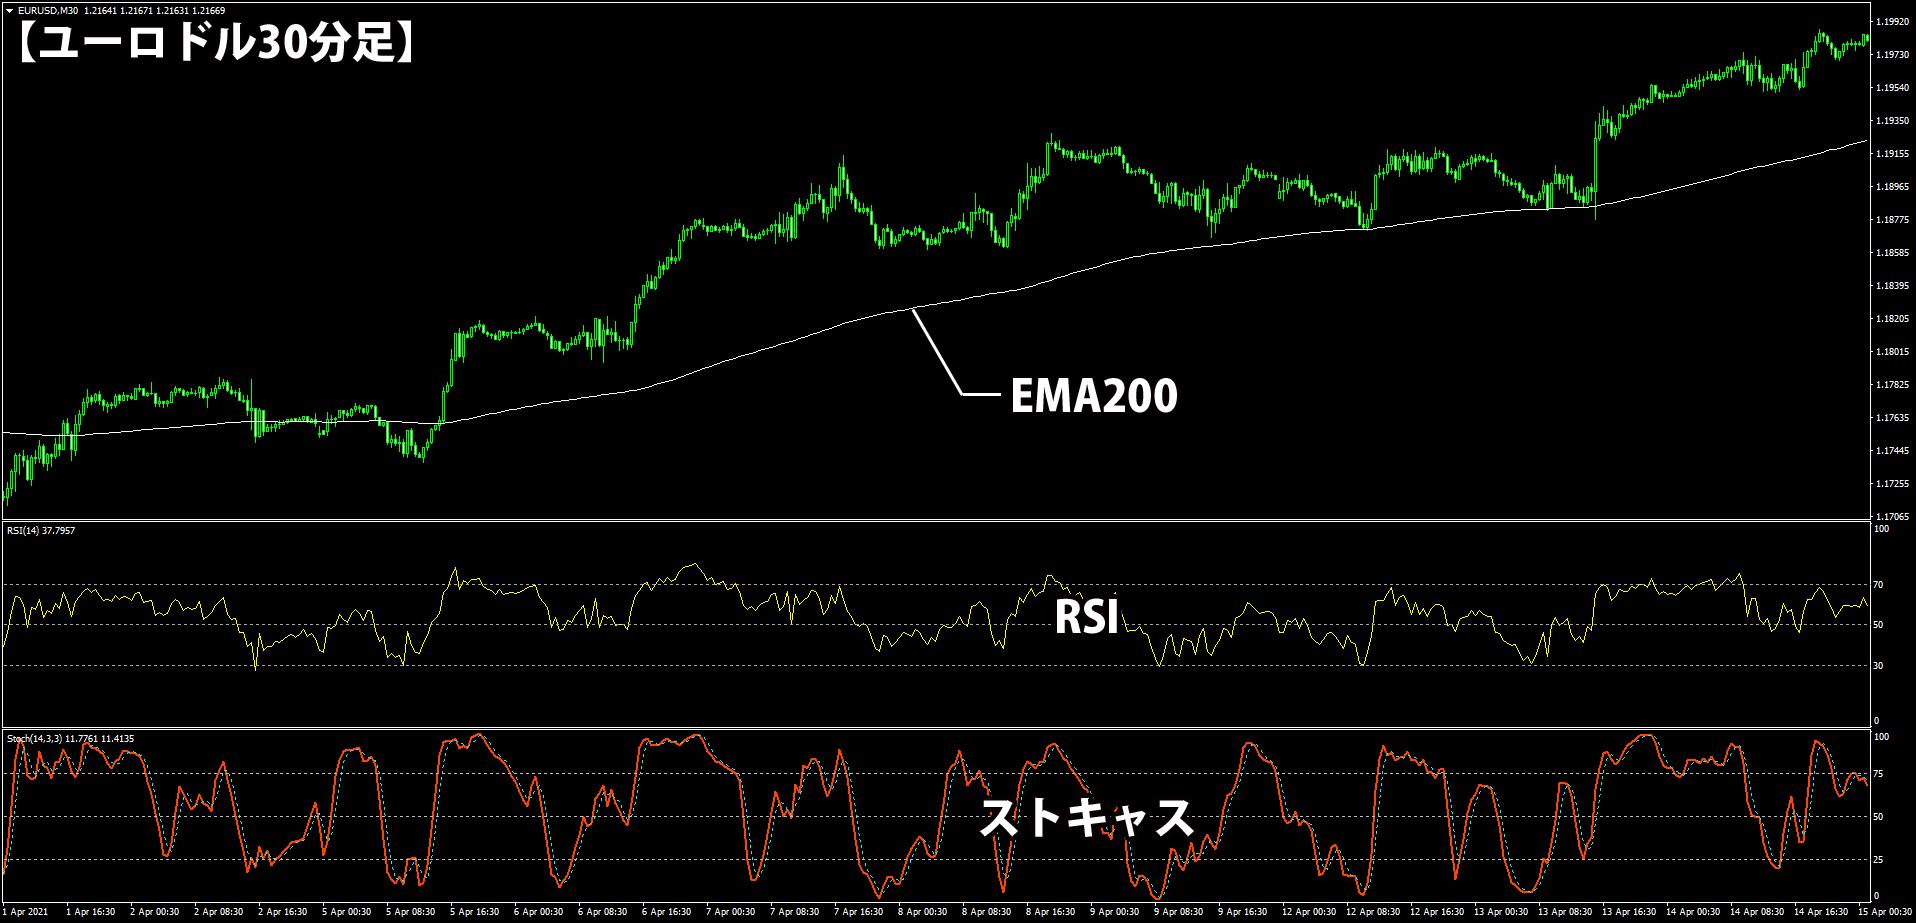 EMA・RSI・ストキャスを使う30分足トレード手法のチャート